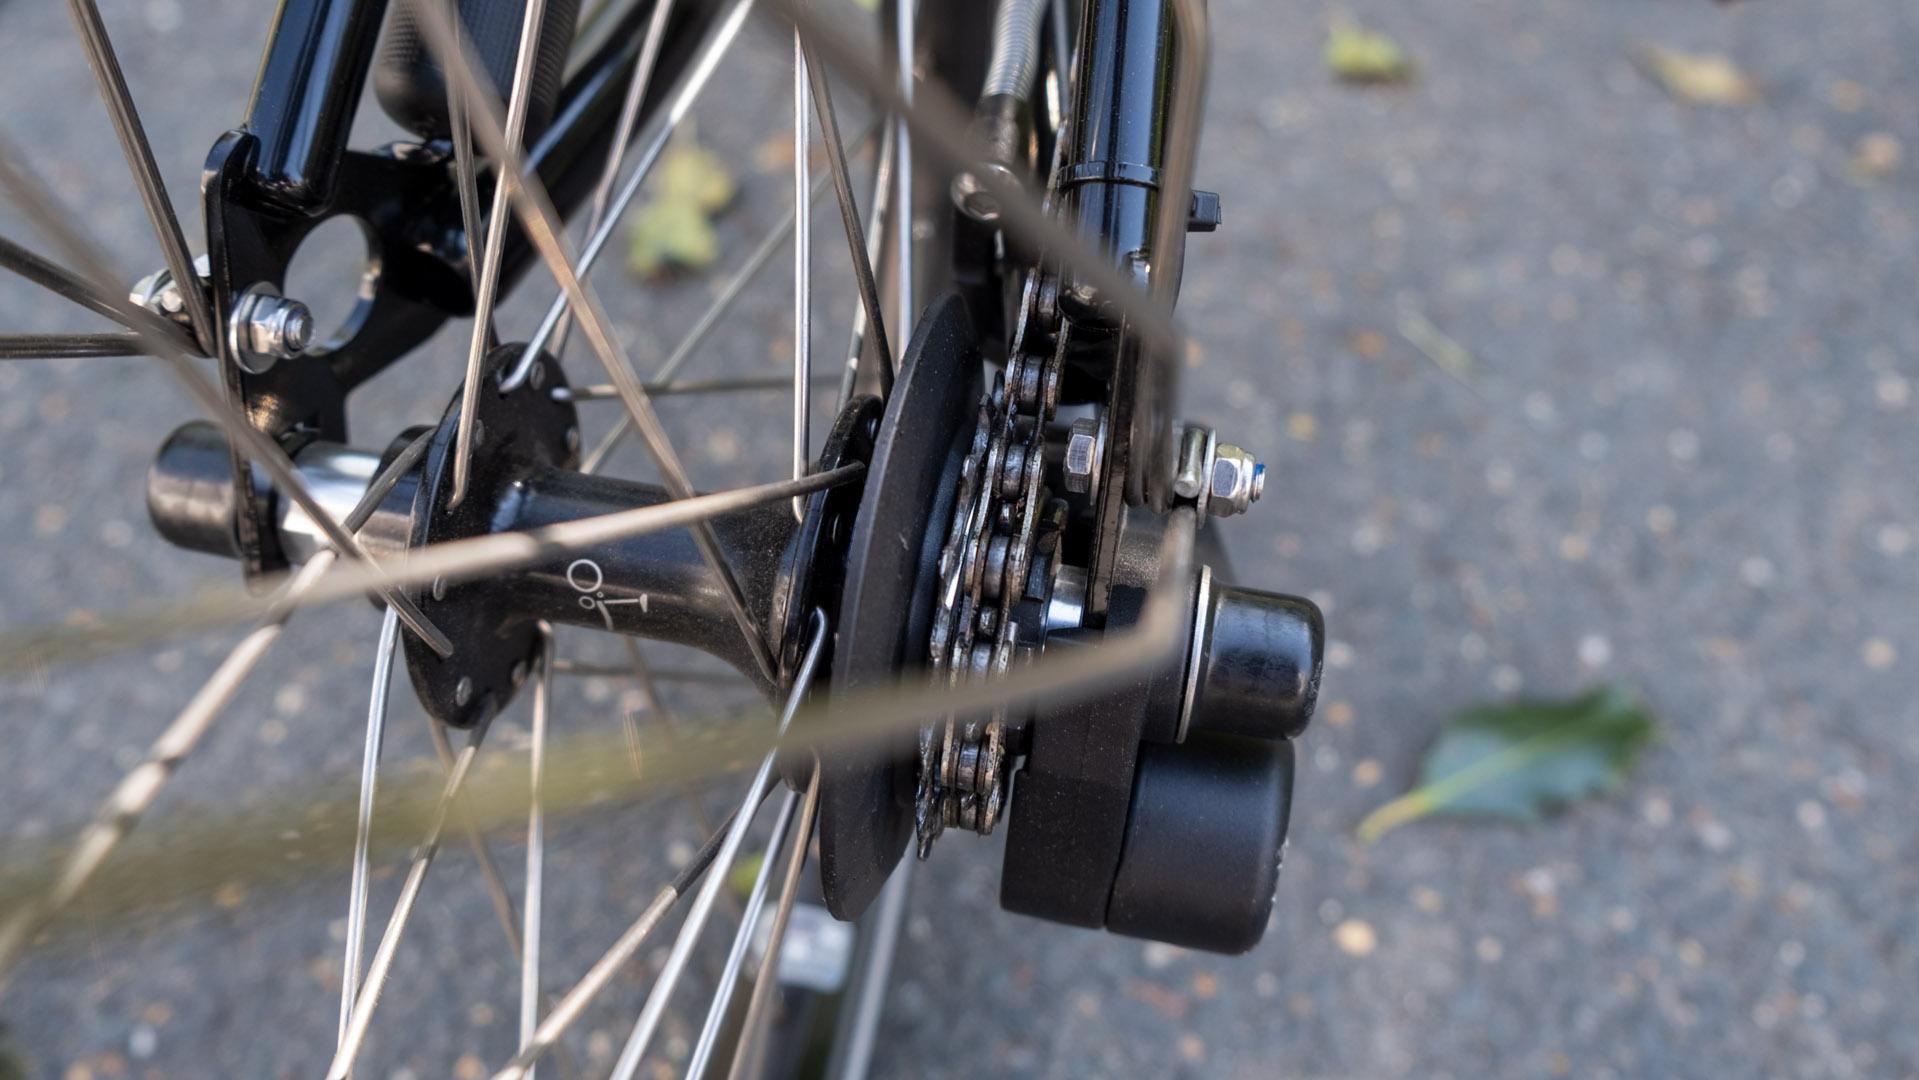 Brompton Electric chain